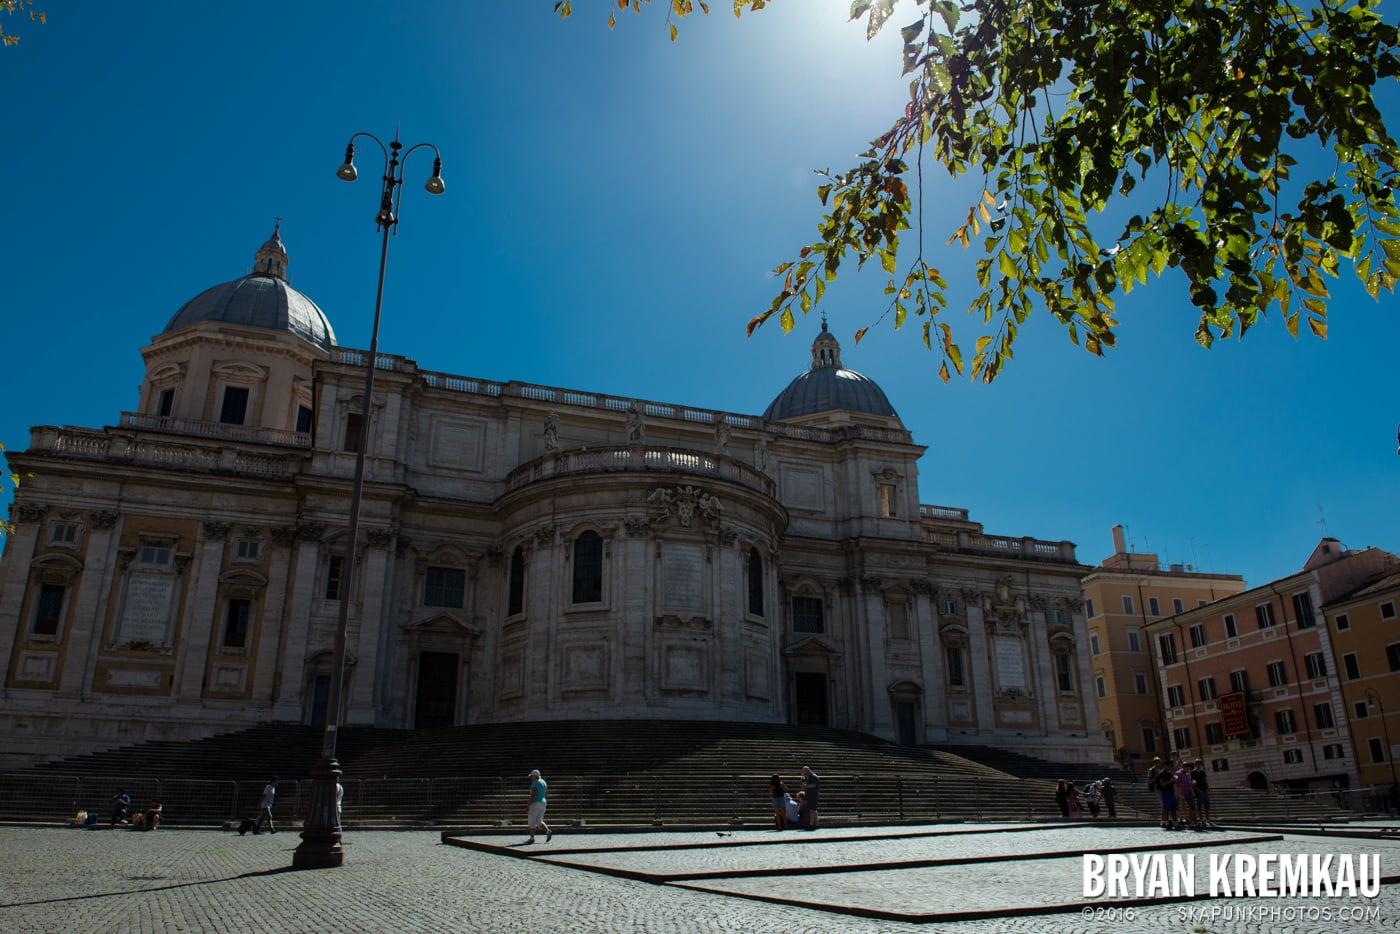 Italy Vacation - Day 12: Rome - 9.20.13 (51)